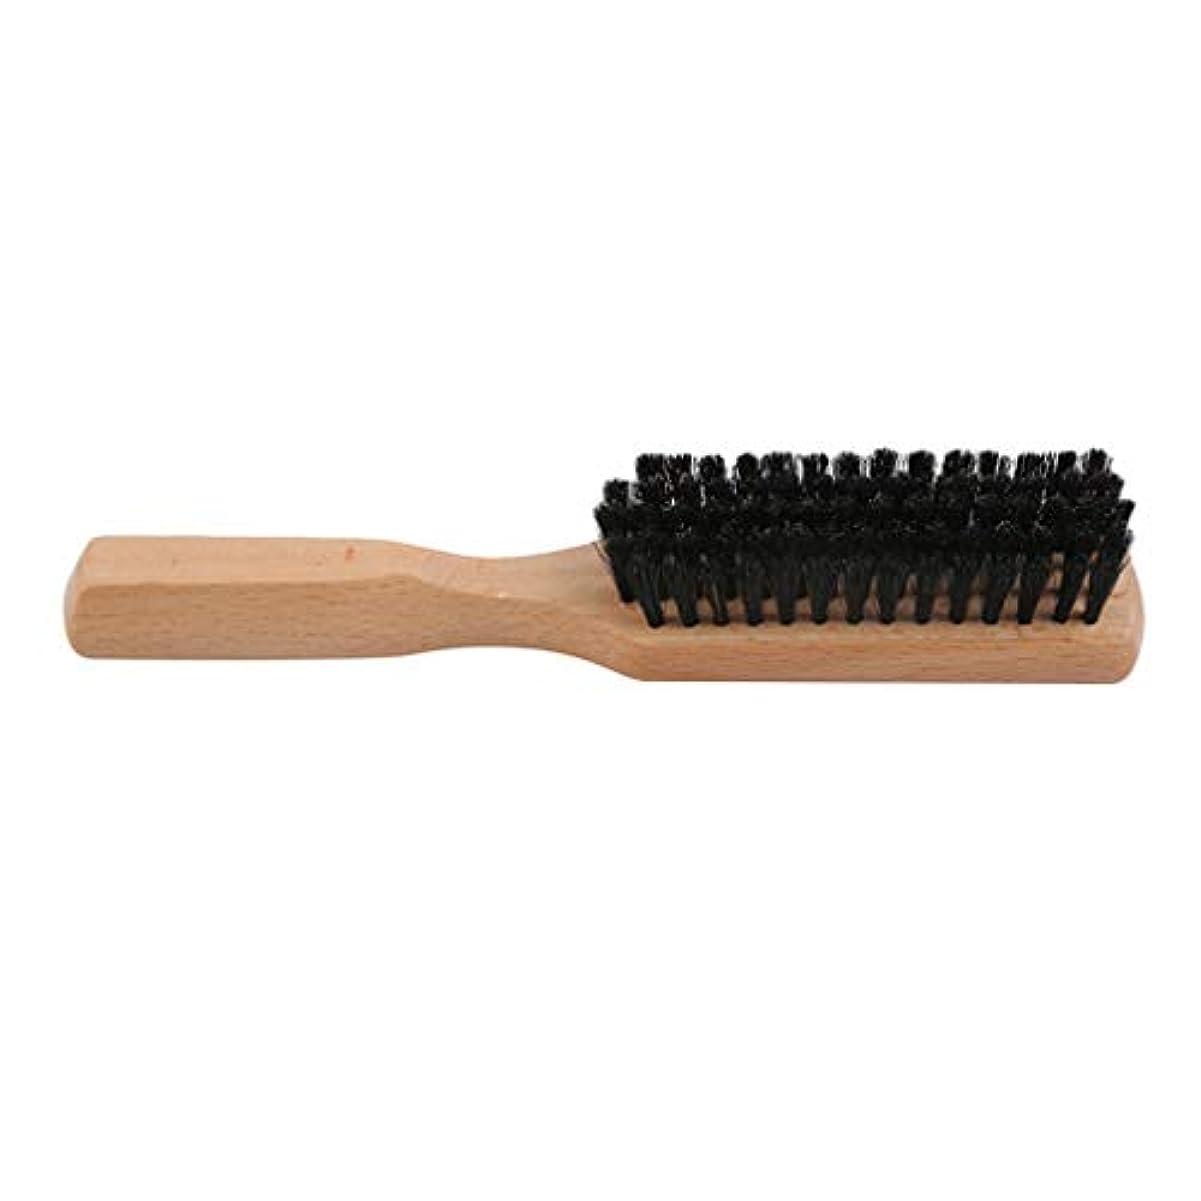 容量グラディス撤回するCngstar シェービング用ブラシ シェービングブラシ メンズ 洗顔 理容 洗顔 髭剃り